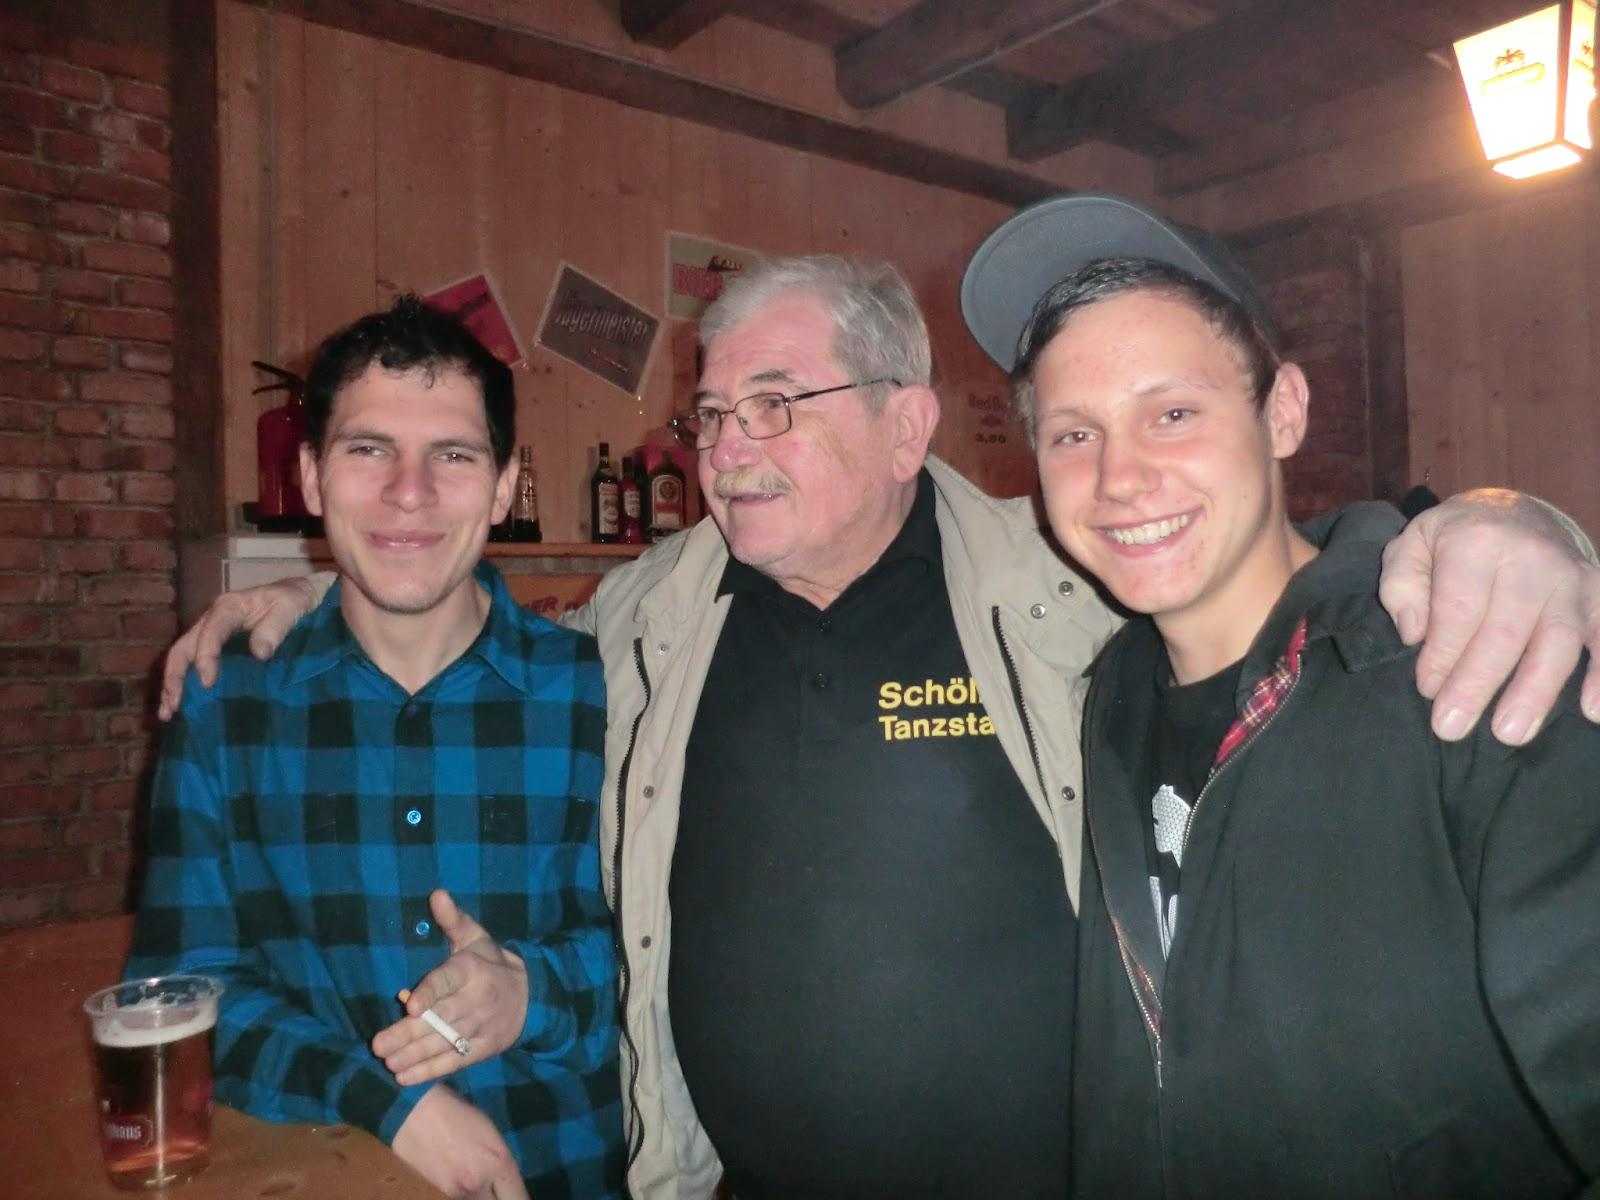 leonharder blogspot: Kirchtag in Schiefling und ÖKB Ball in Obdach